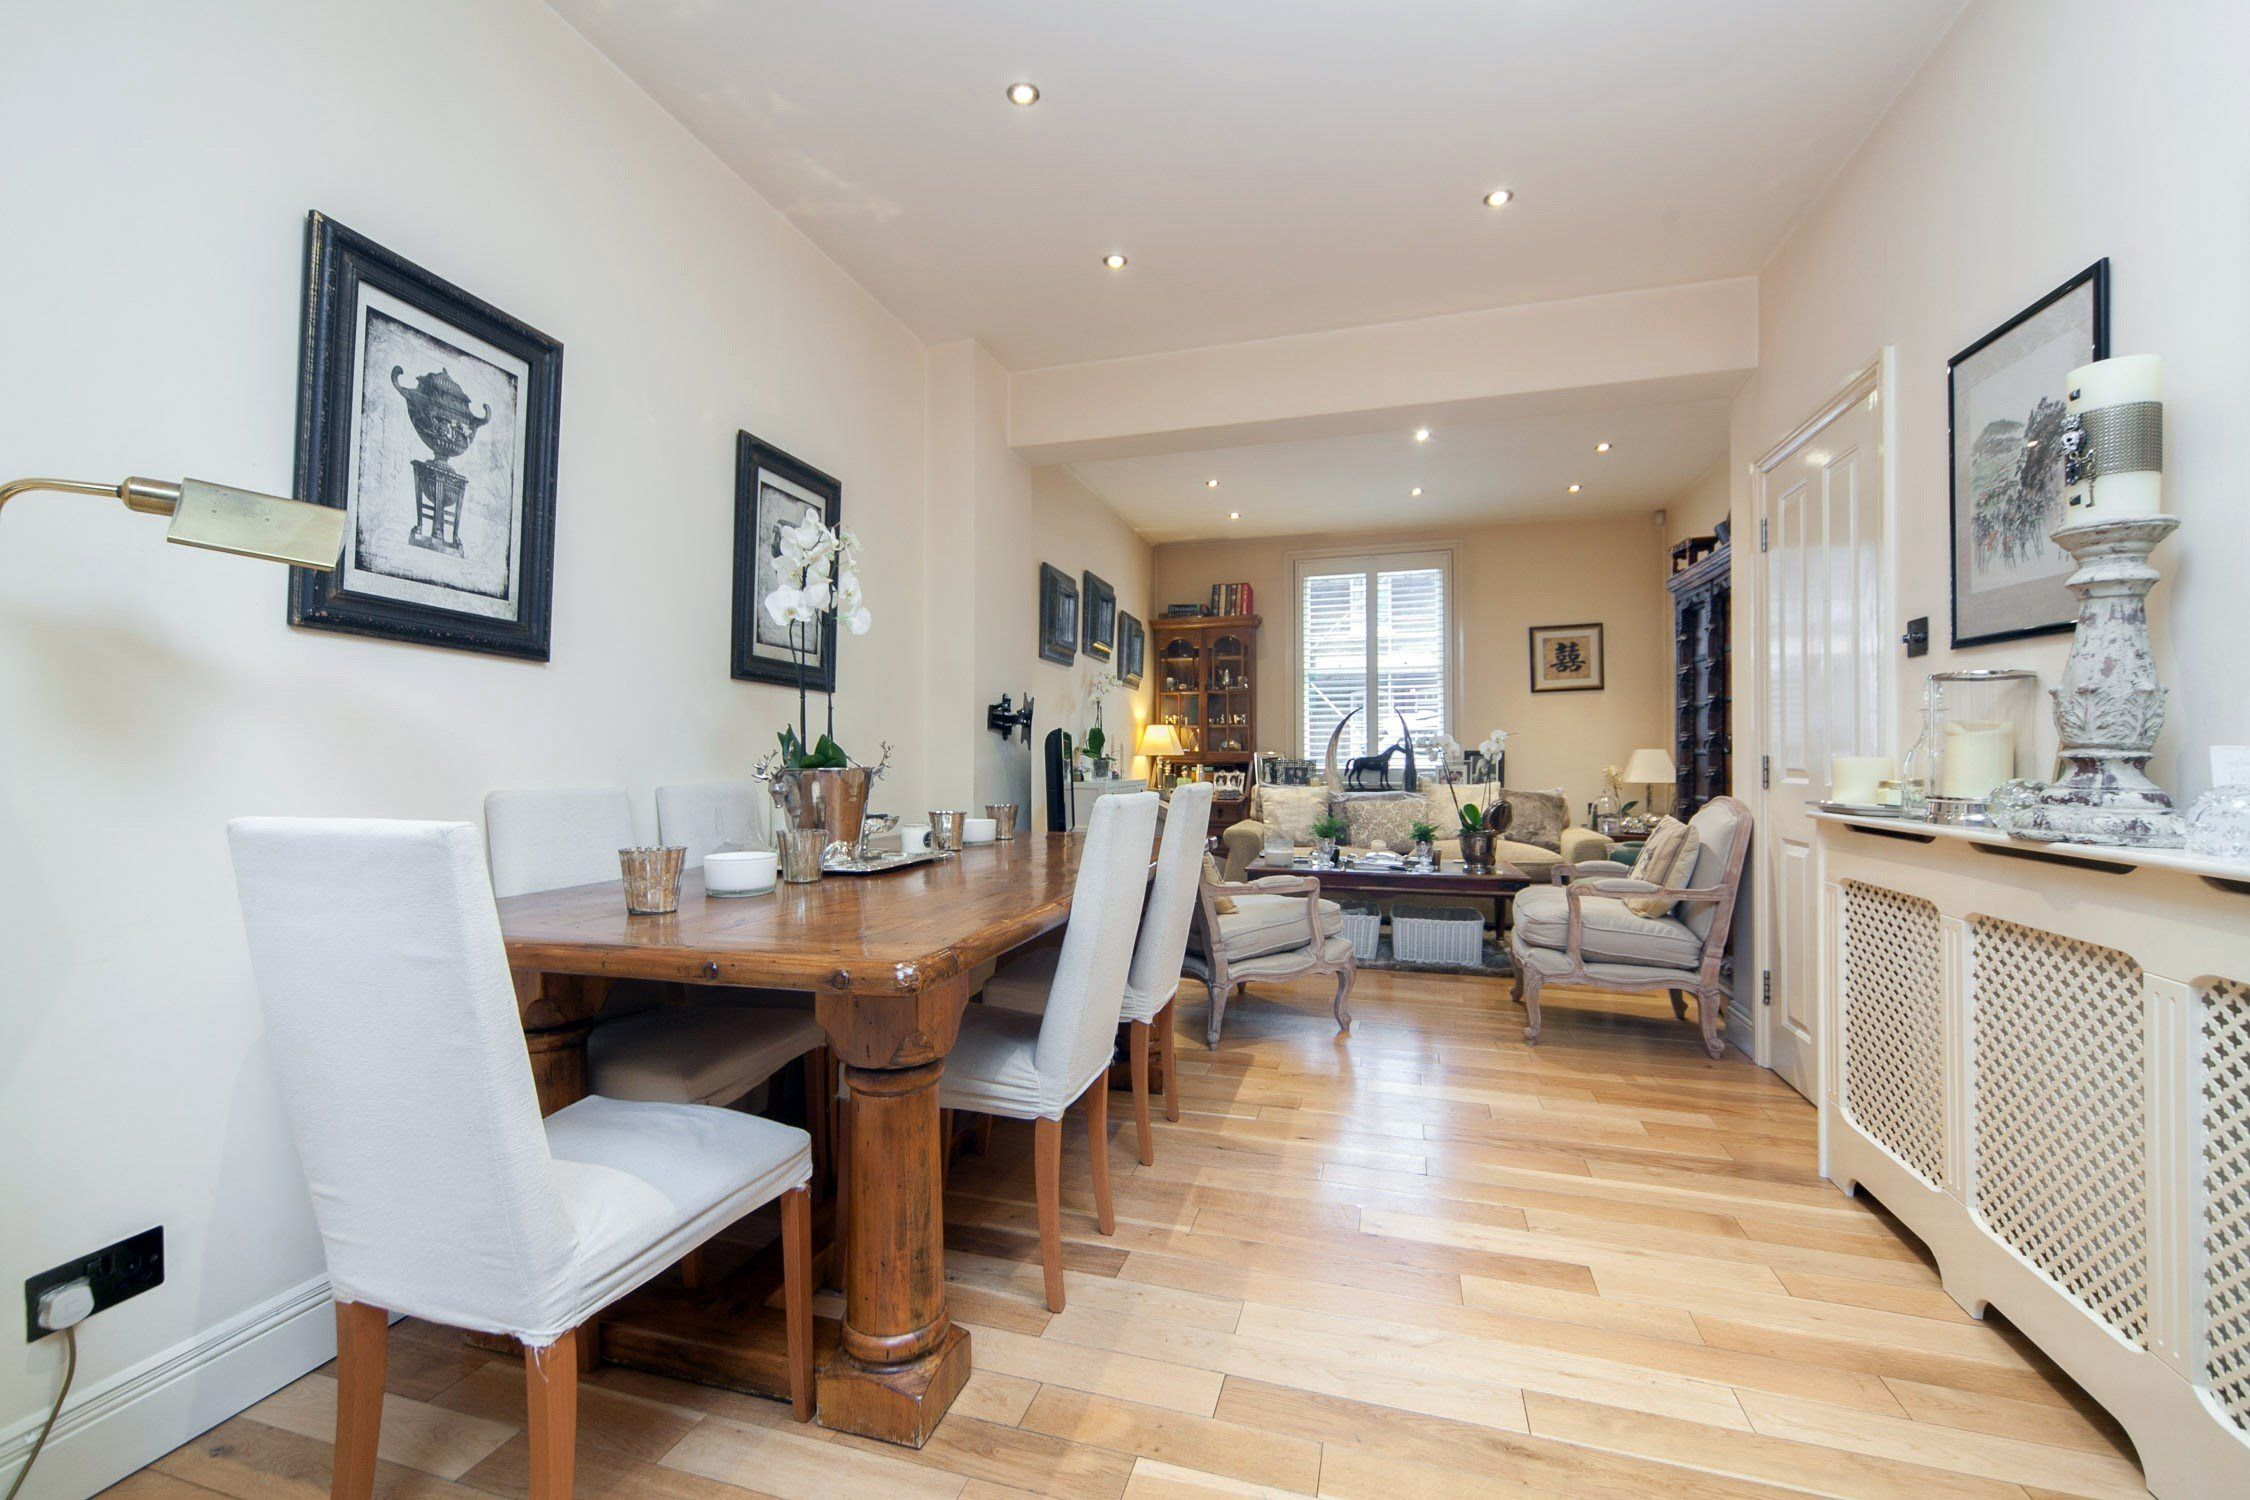 3 Bedroom Flat To Rent In Battersea St Philip Street Sw8 610pw Flat Rent 3 Bedroom Flat 3 Bedroom House